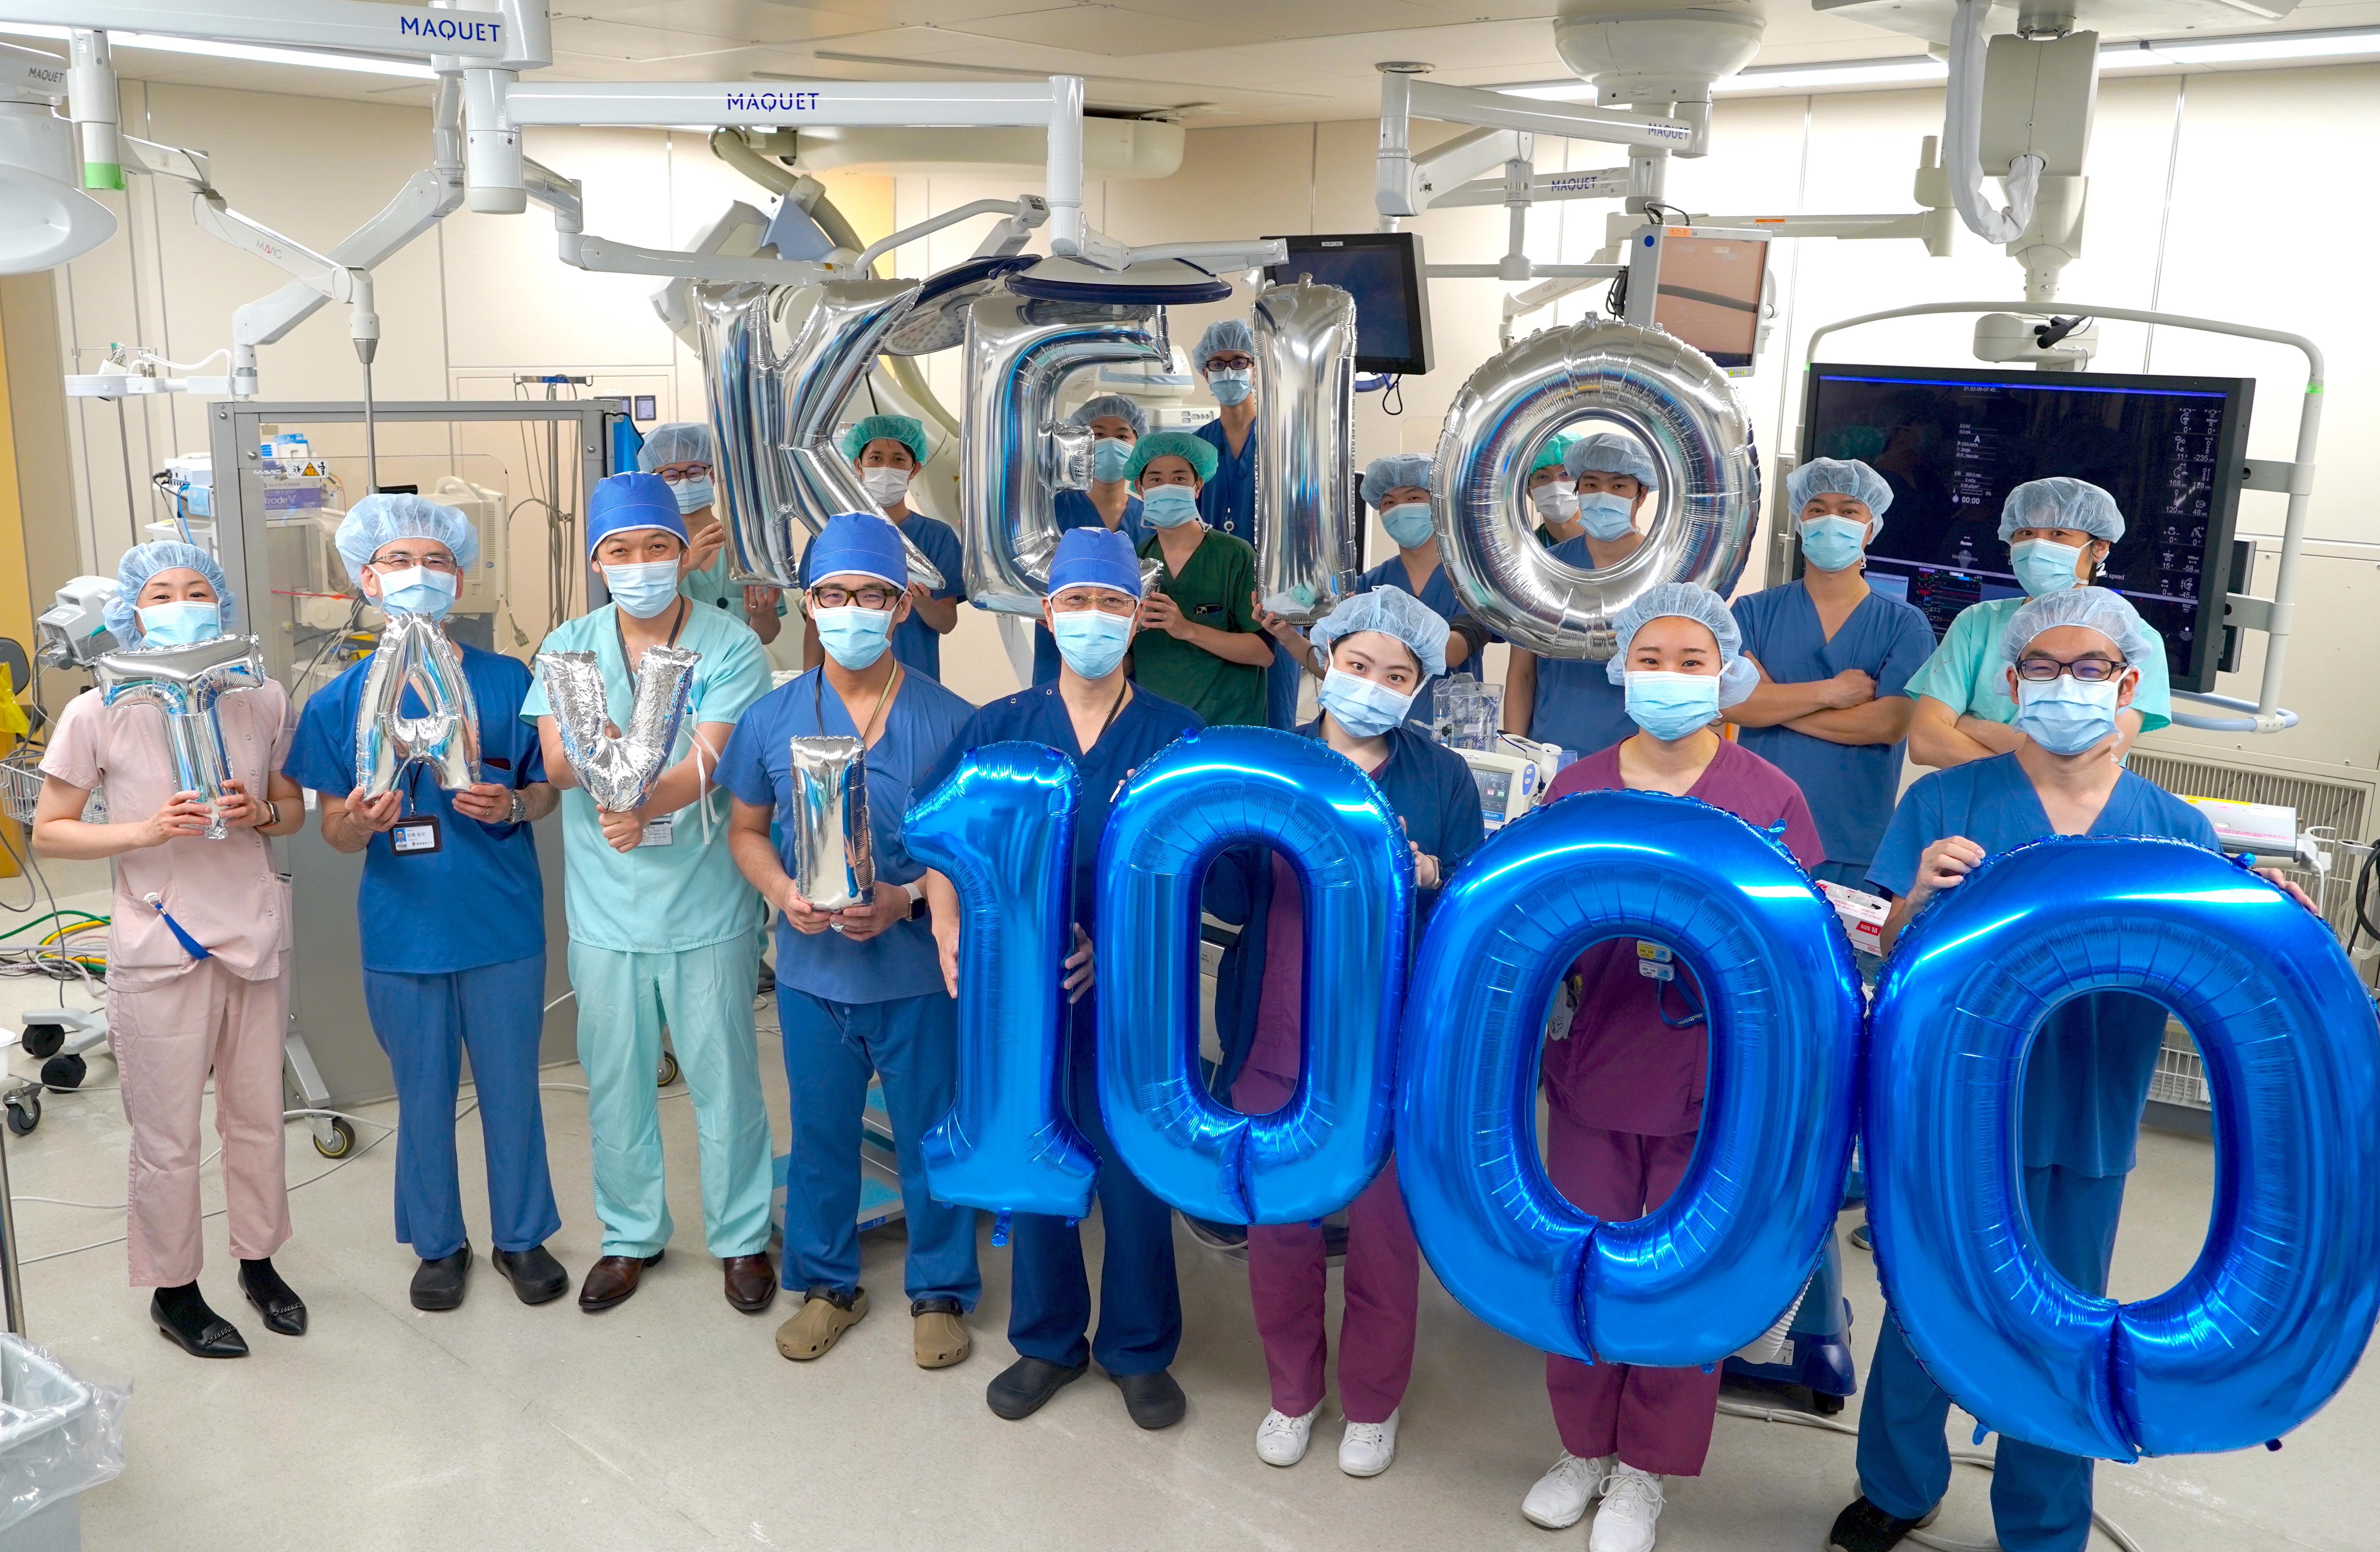 感染 院内 慶應 病院 東京都の会見(17人の感染者の説明):永寿総合病院の院内クラスター感染の可能性